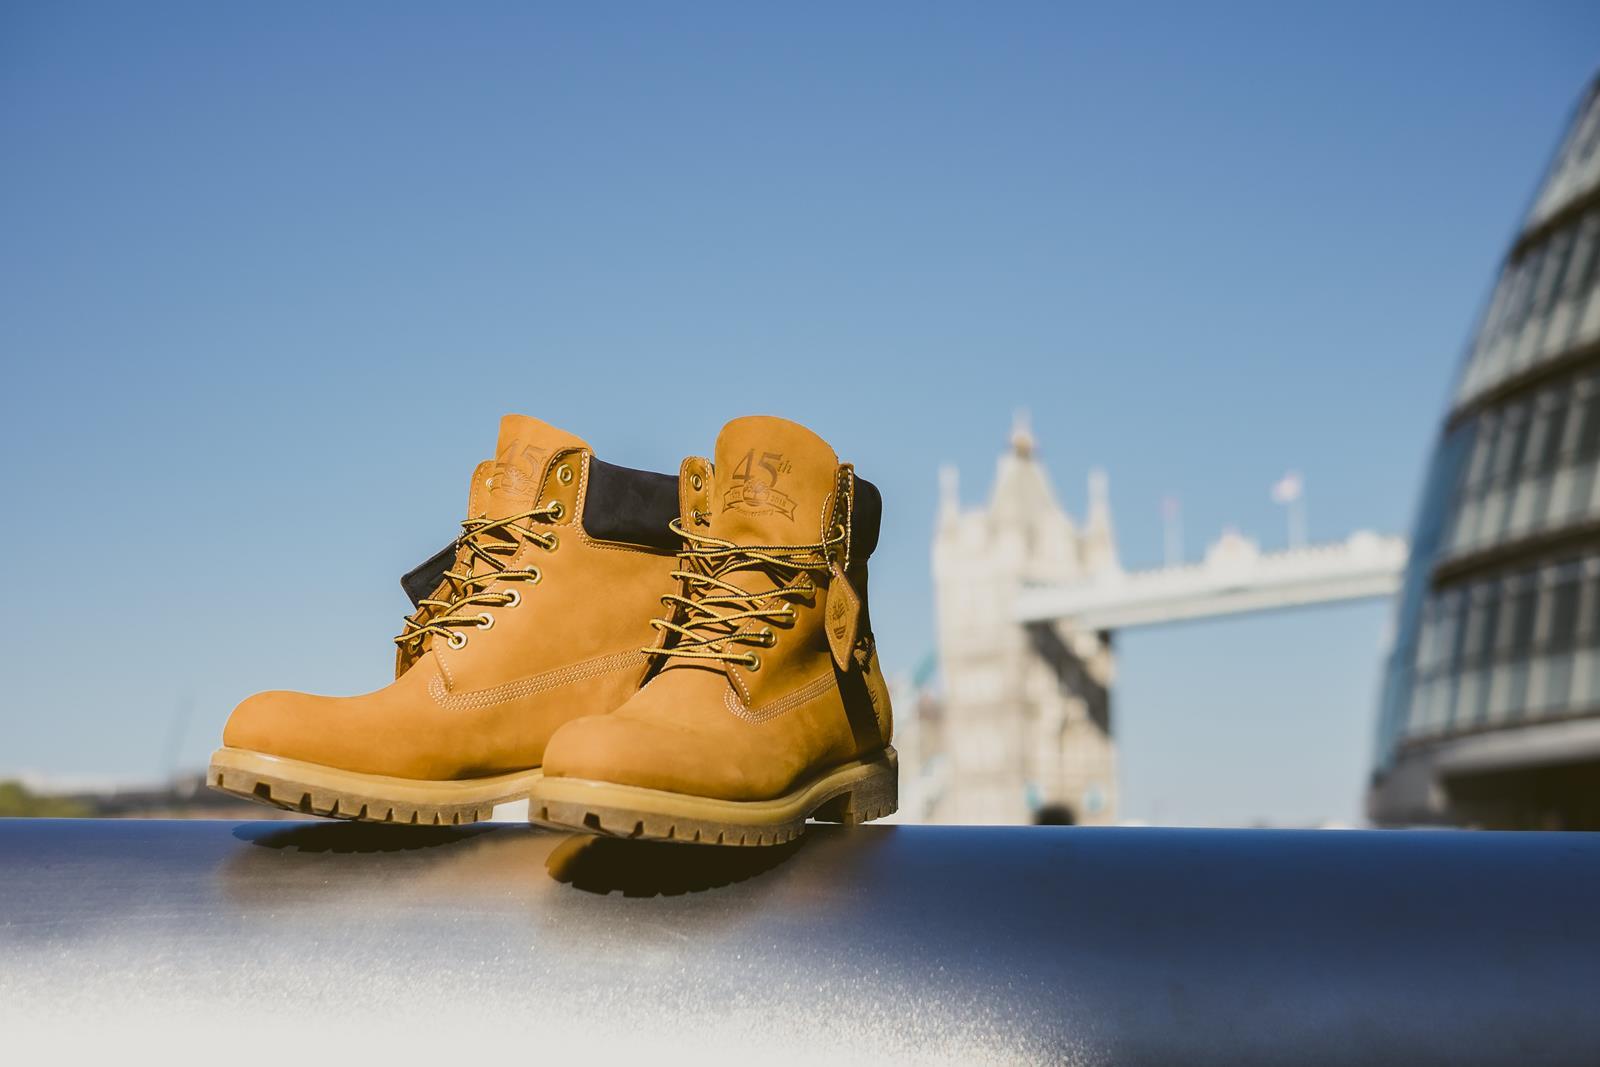 271415f53b95 Timberland celebra il famoso Yellow Boot